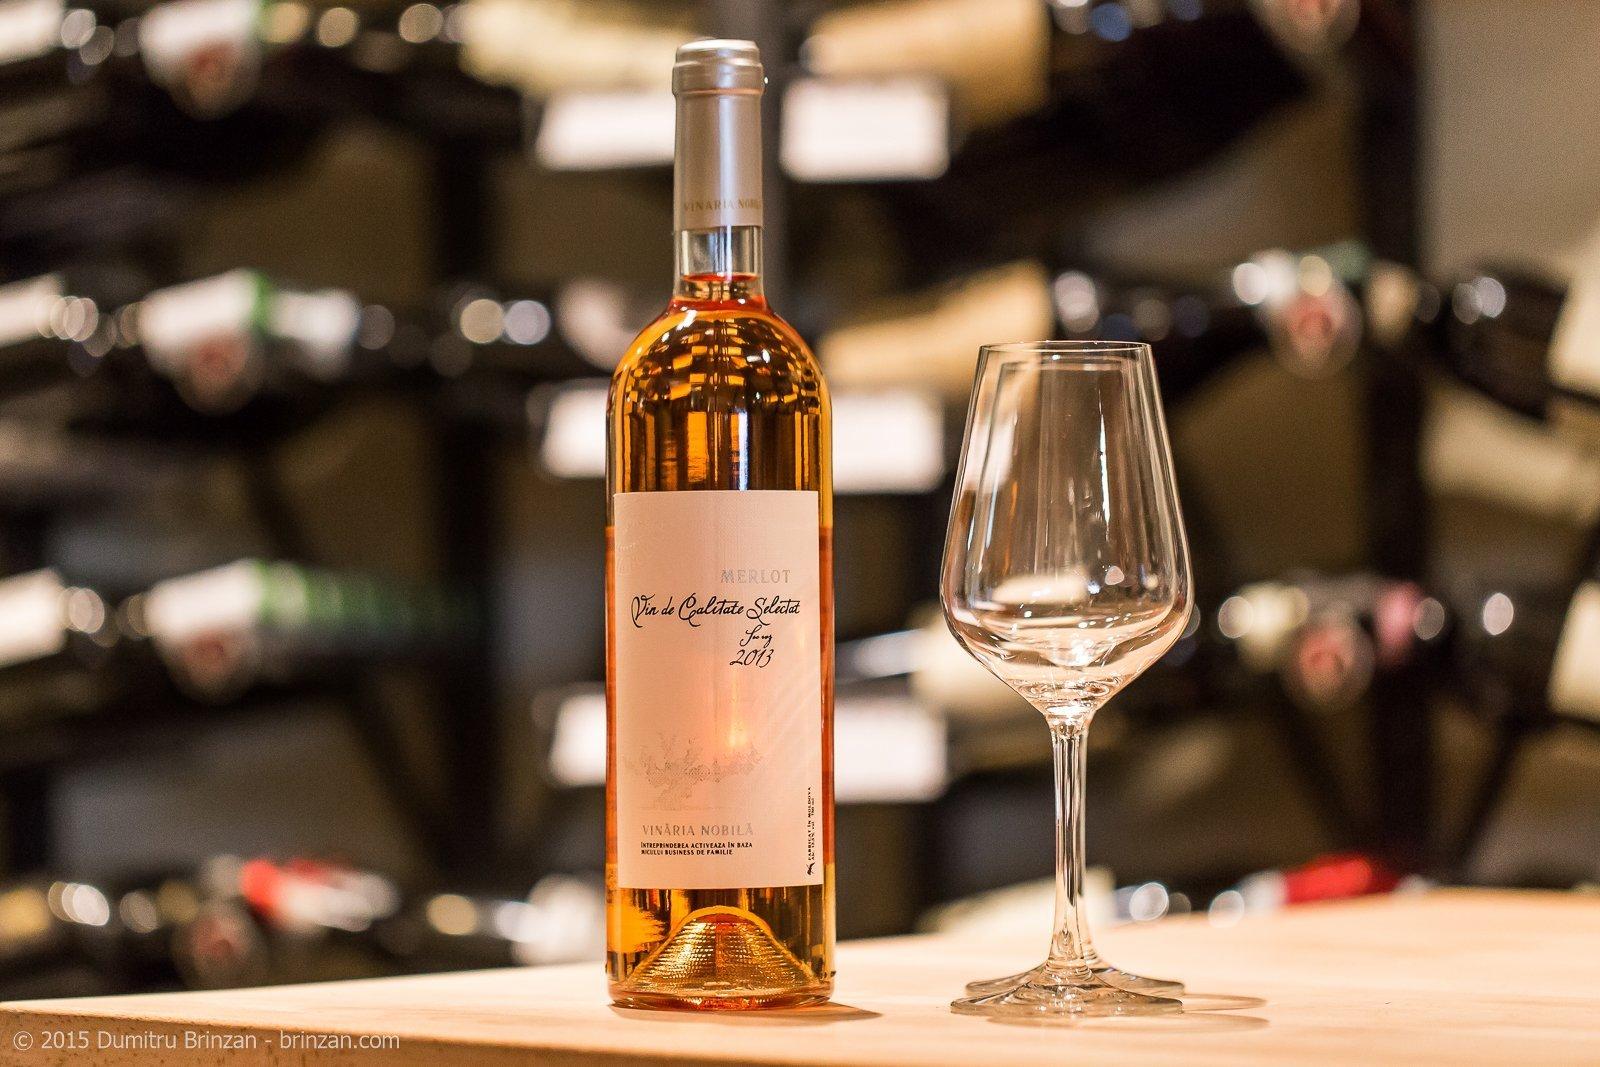 A bottle of Vinaria Nobila Rose Merlot 2012